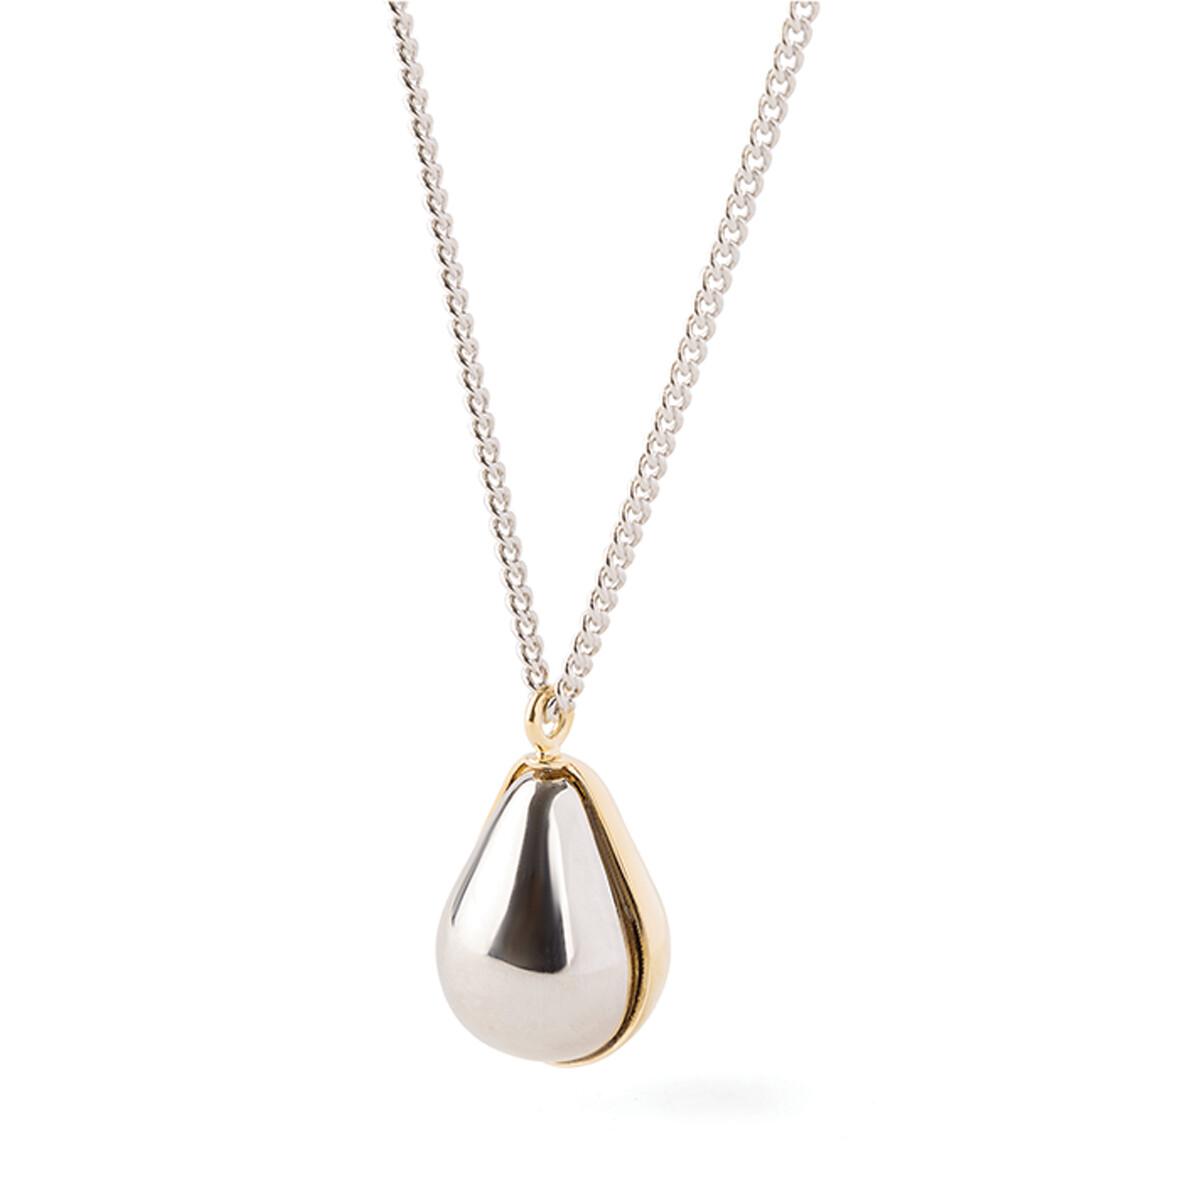 LOEWE Vermeer Necklace gold/palladium front